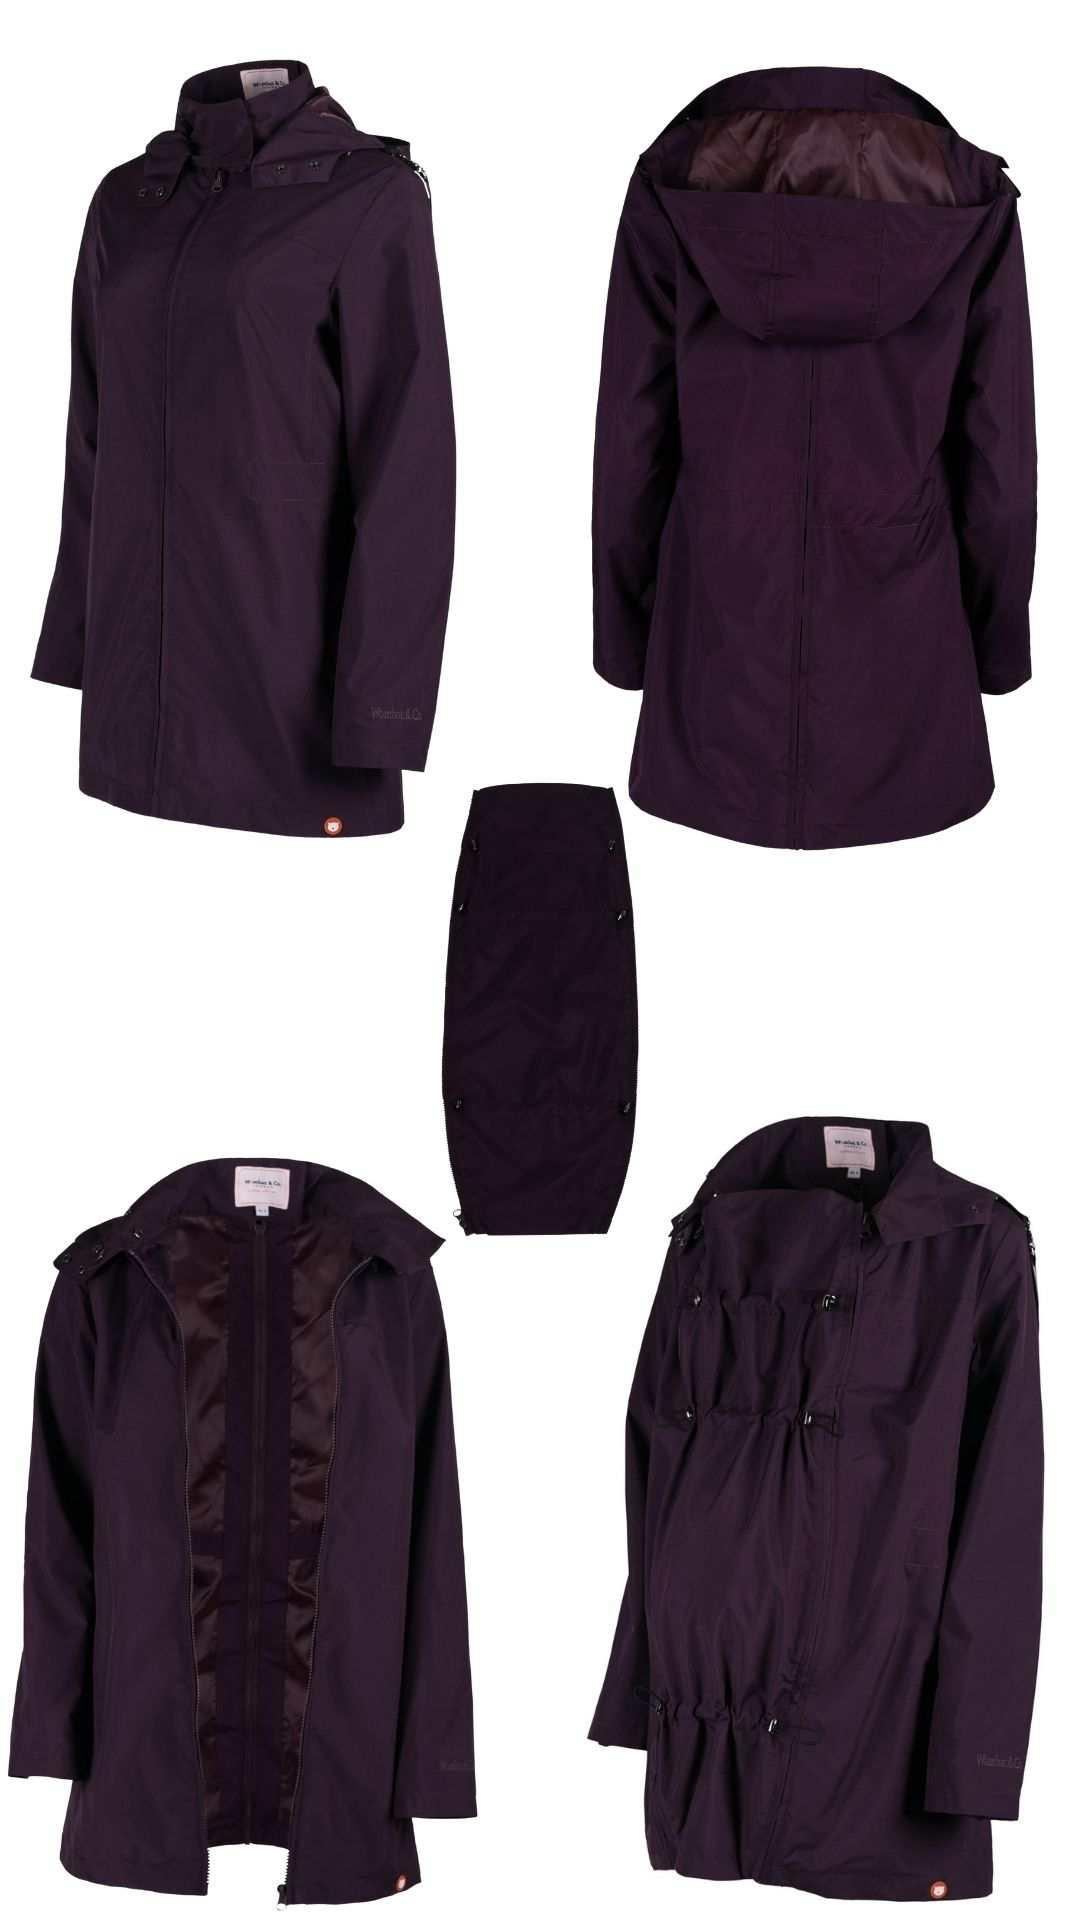 chaqueta portabebe y premama numbat go morada